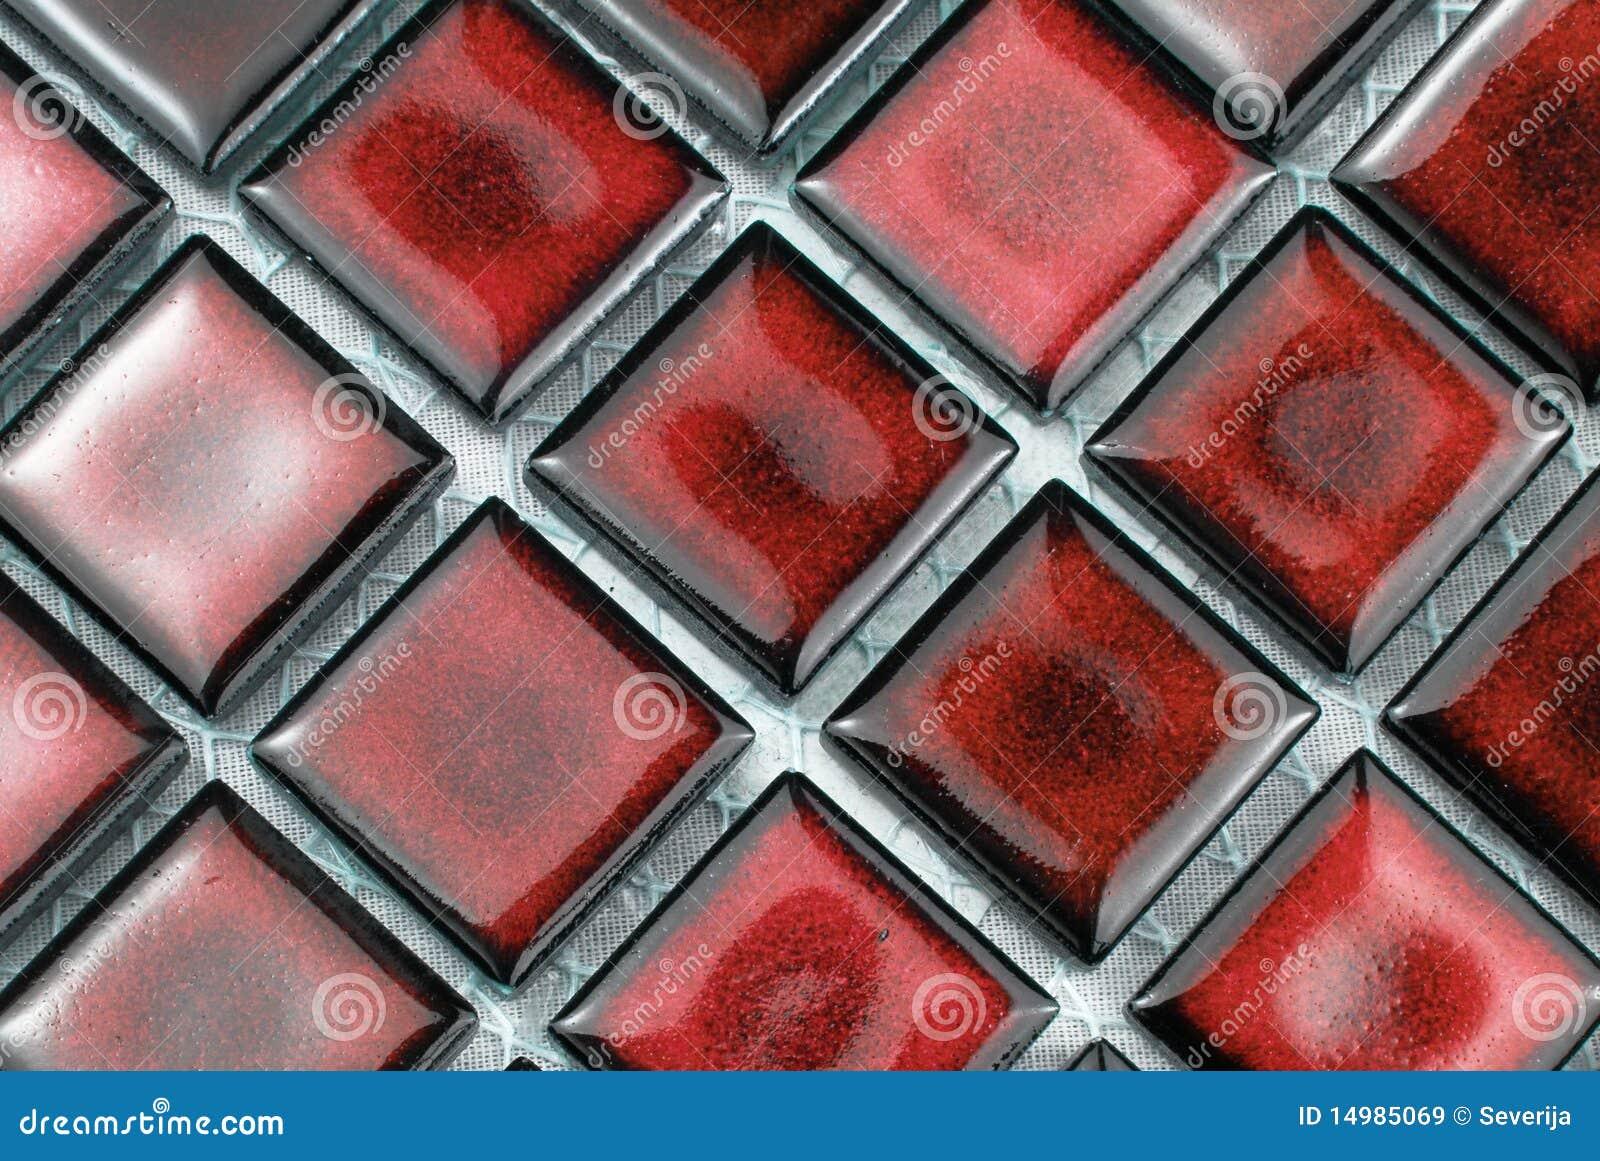 Mattonelle rosse immagine stock immagine di ceramic